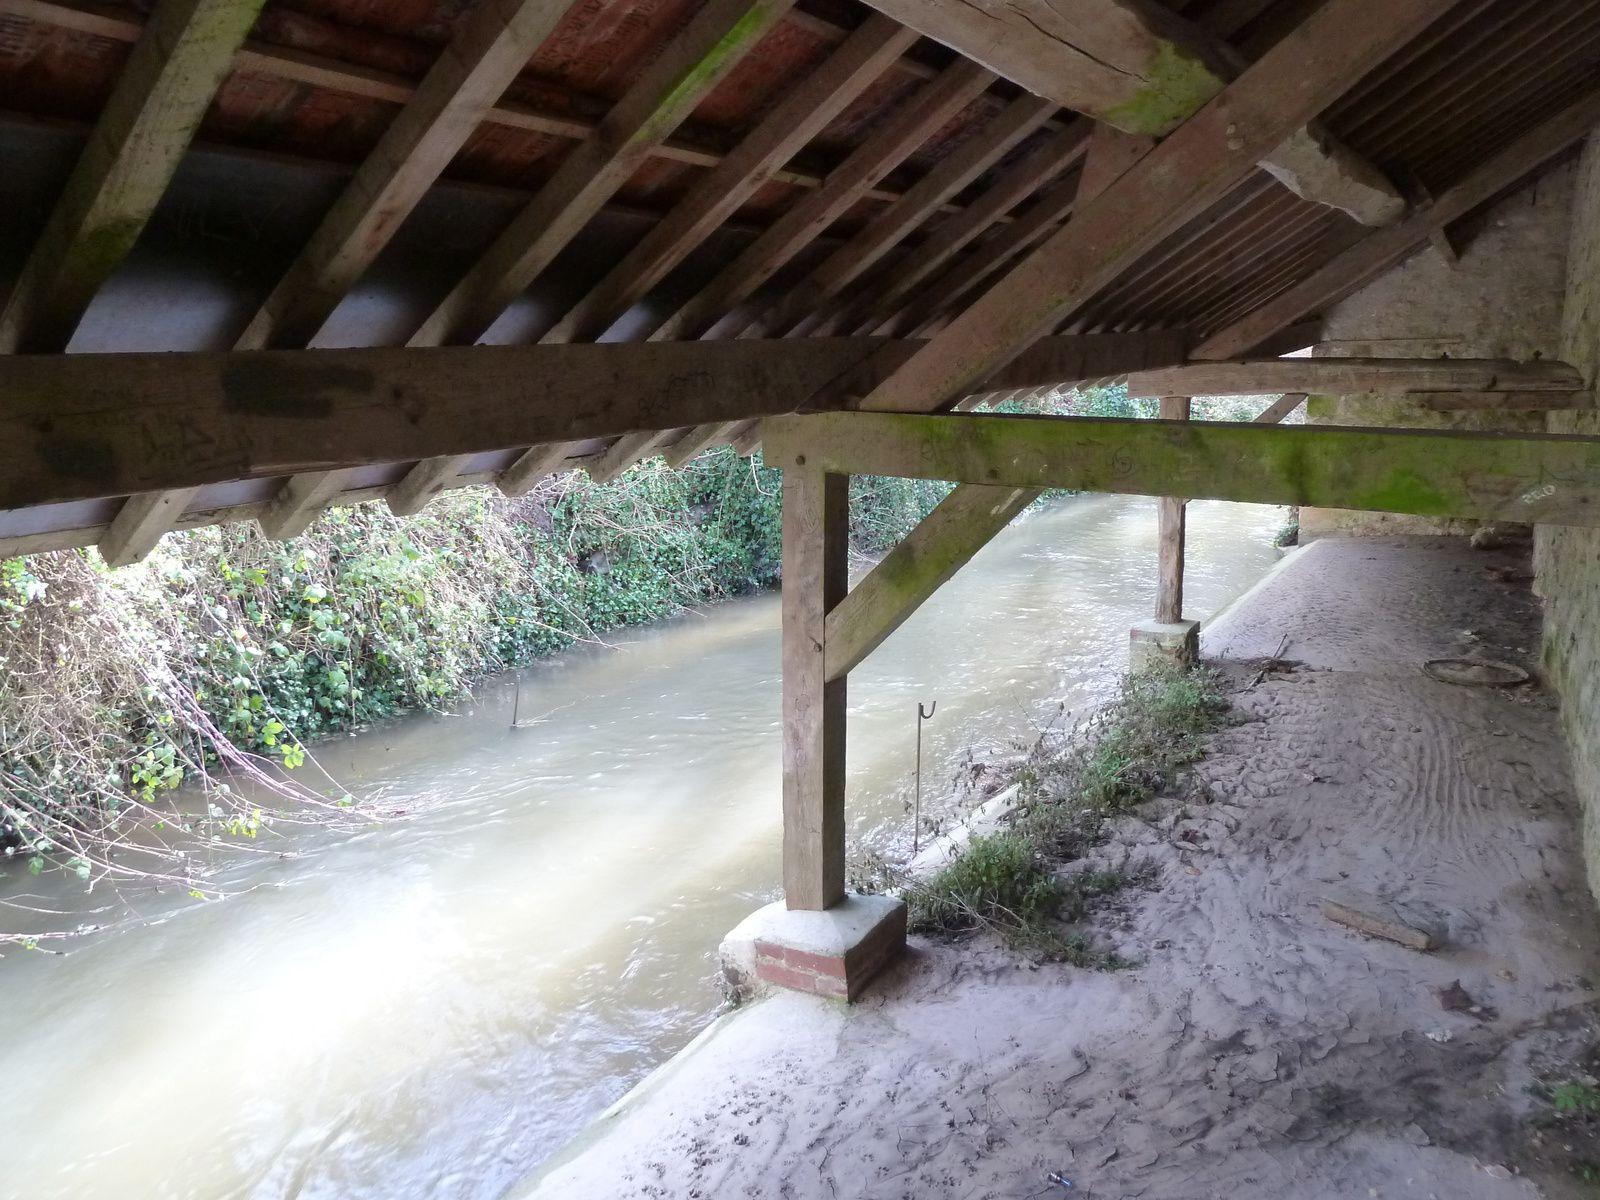 Randonnée de Méry-sur-Oise à Valmondois, 23,2 km.